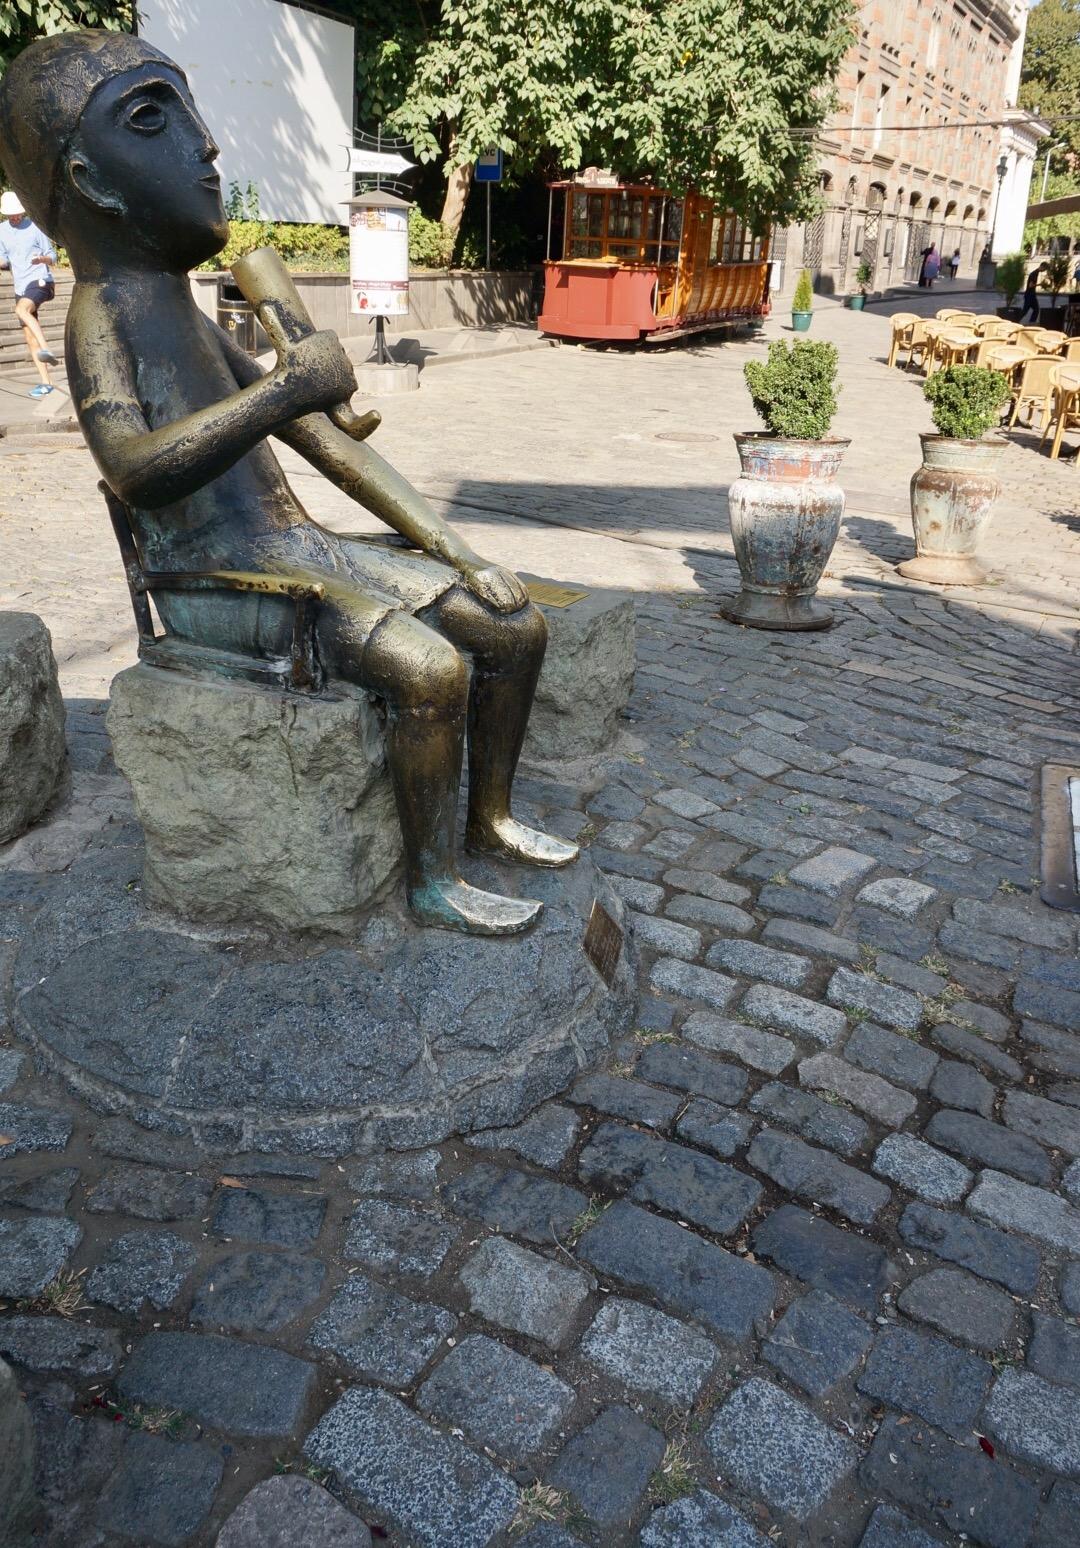 """Statue eines """"Tamada"""", Tischmeister, der das Geschehen bei einem georgischen Bankett (Supra) lenkt und Trinksprüche ausbringt."""